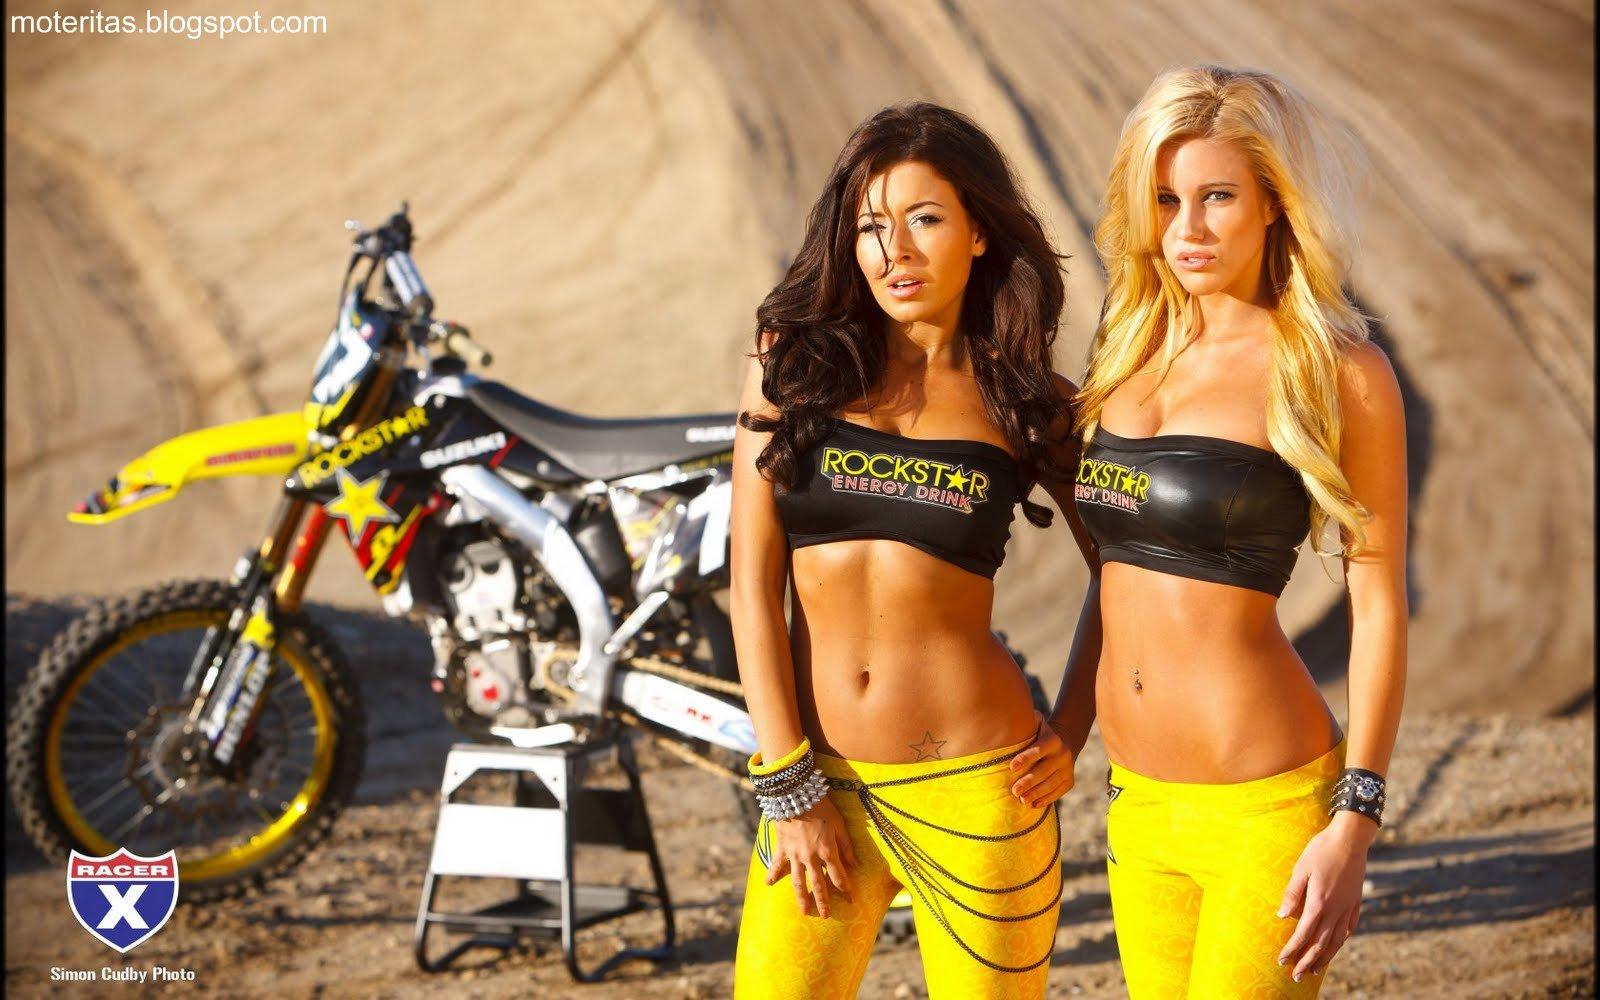 http://4.bp.blogspot.com/-KI_RtzwVus4/TmgN_efwrUI/AAAAAAAAASE/IBlklm_jC1g/s1600/motos-suzuki-chicas-motocross-wallpaper%2B%255Bmoteritas.blogspot.com%255D.jpg